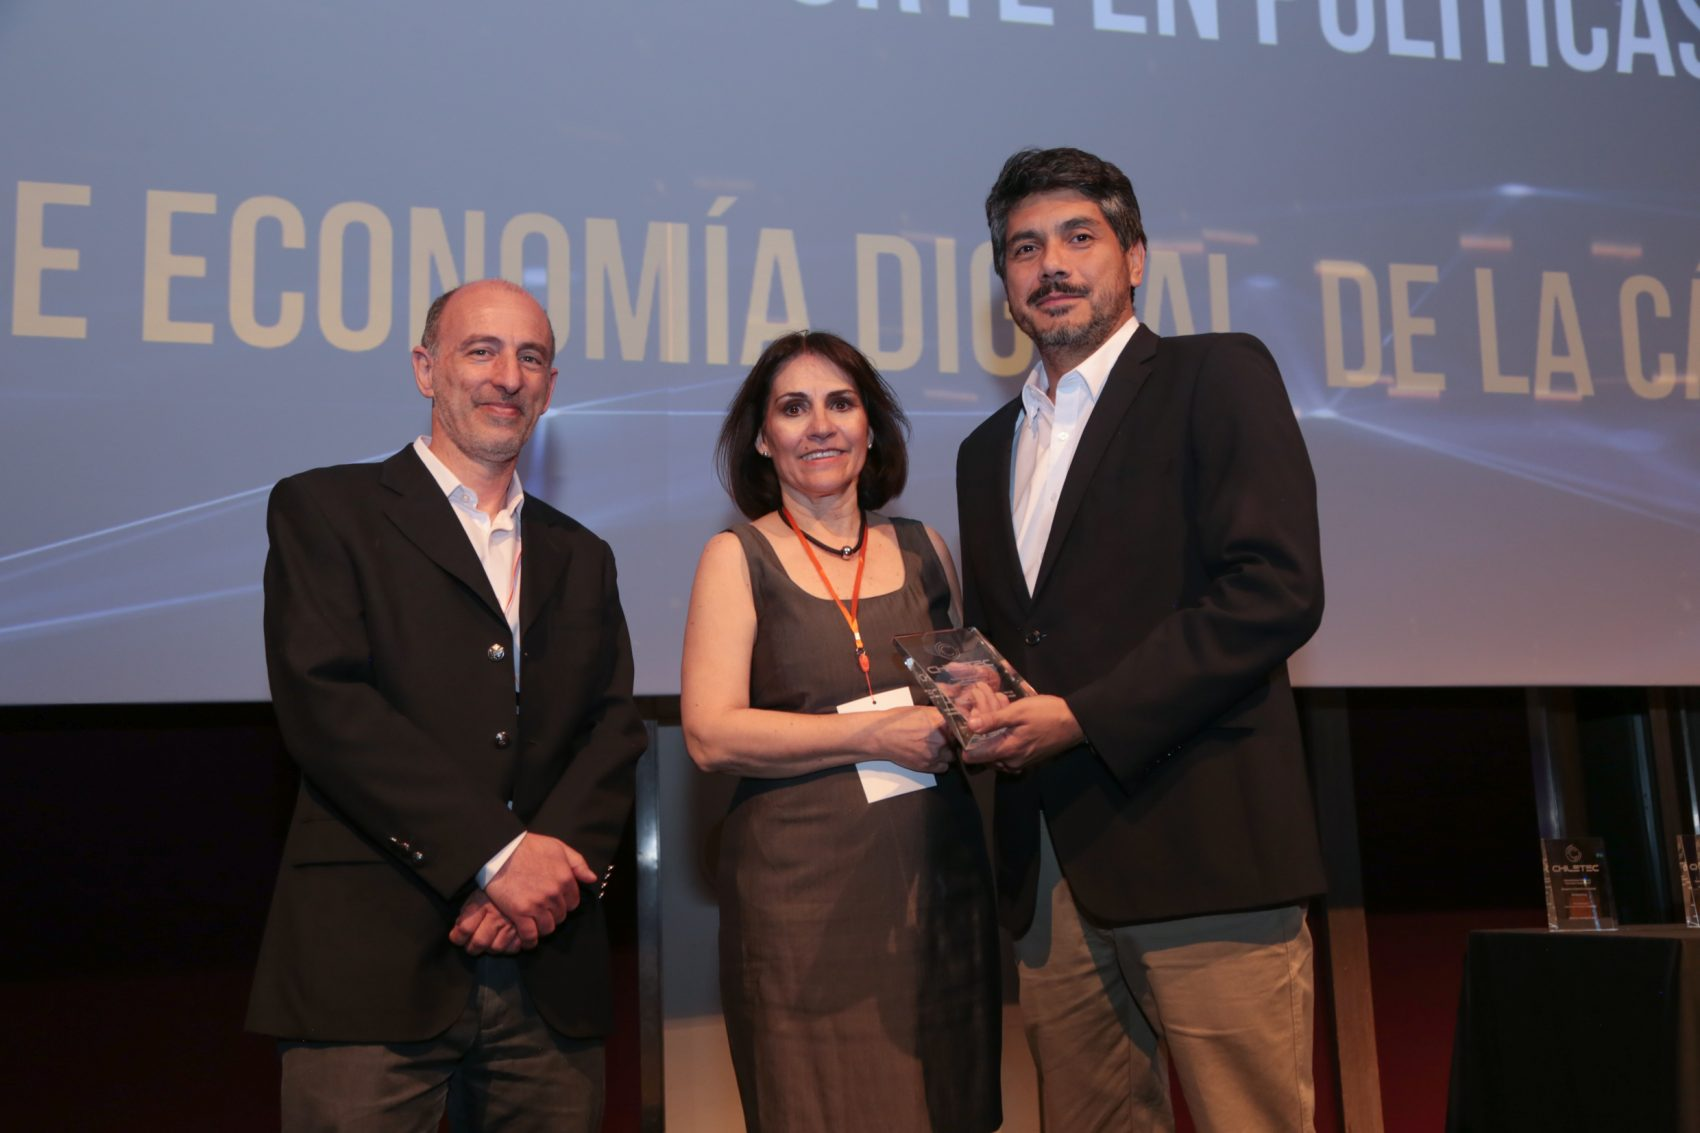 """Chiletec entregó al Centro de Economía Digital de la CCS el premio """"Aporte en Políticas Públicas en Tecnología"""" del 2018."""